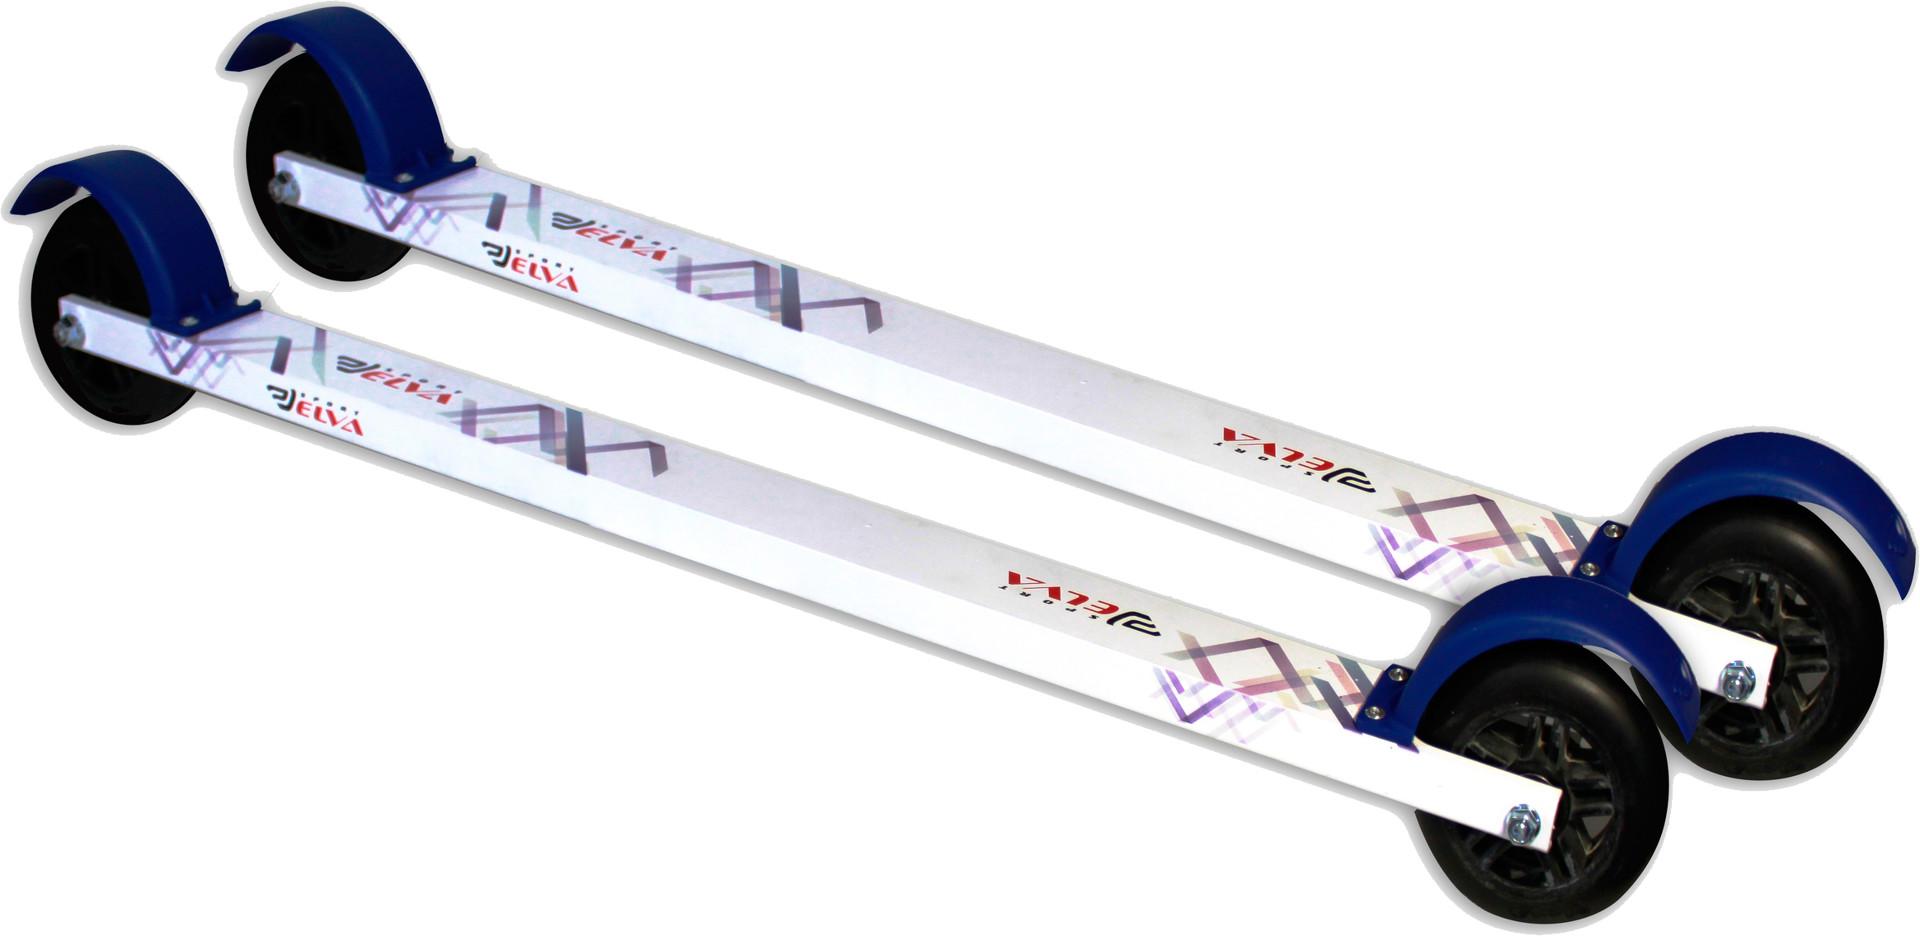 197e04ee1748 Купить лыжероллеры ELVA за 2990 руб. Доставка Бесплатно!